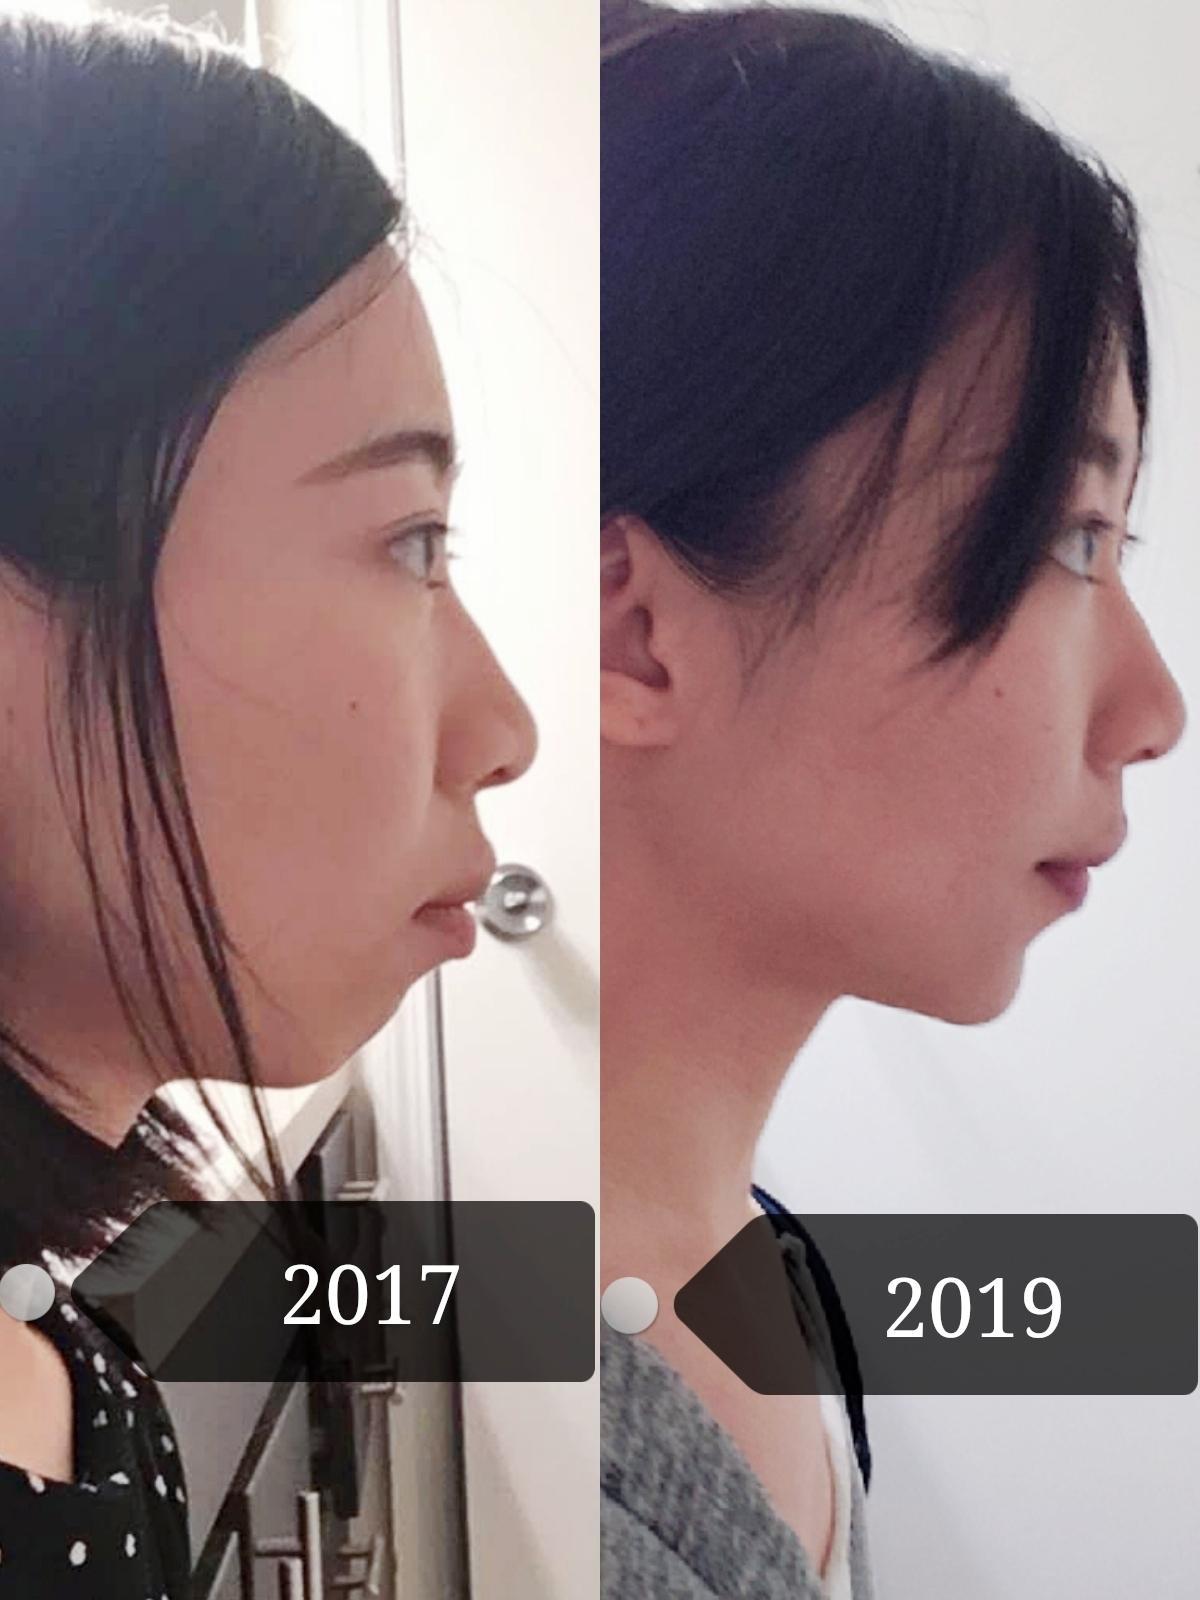 Braces Change Face